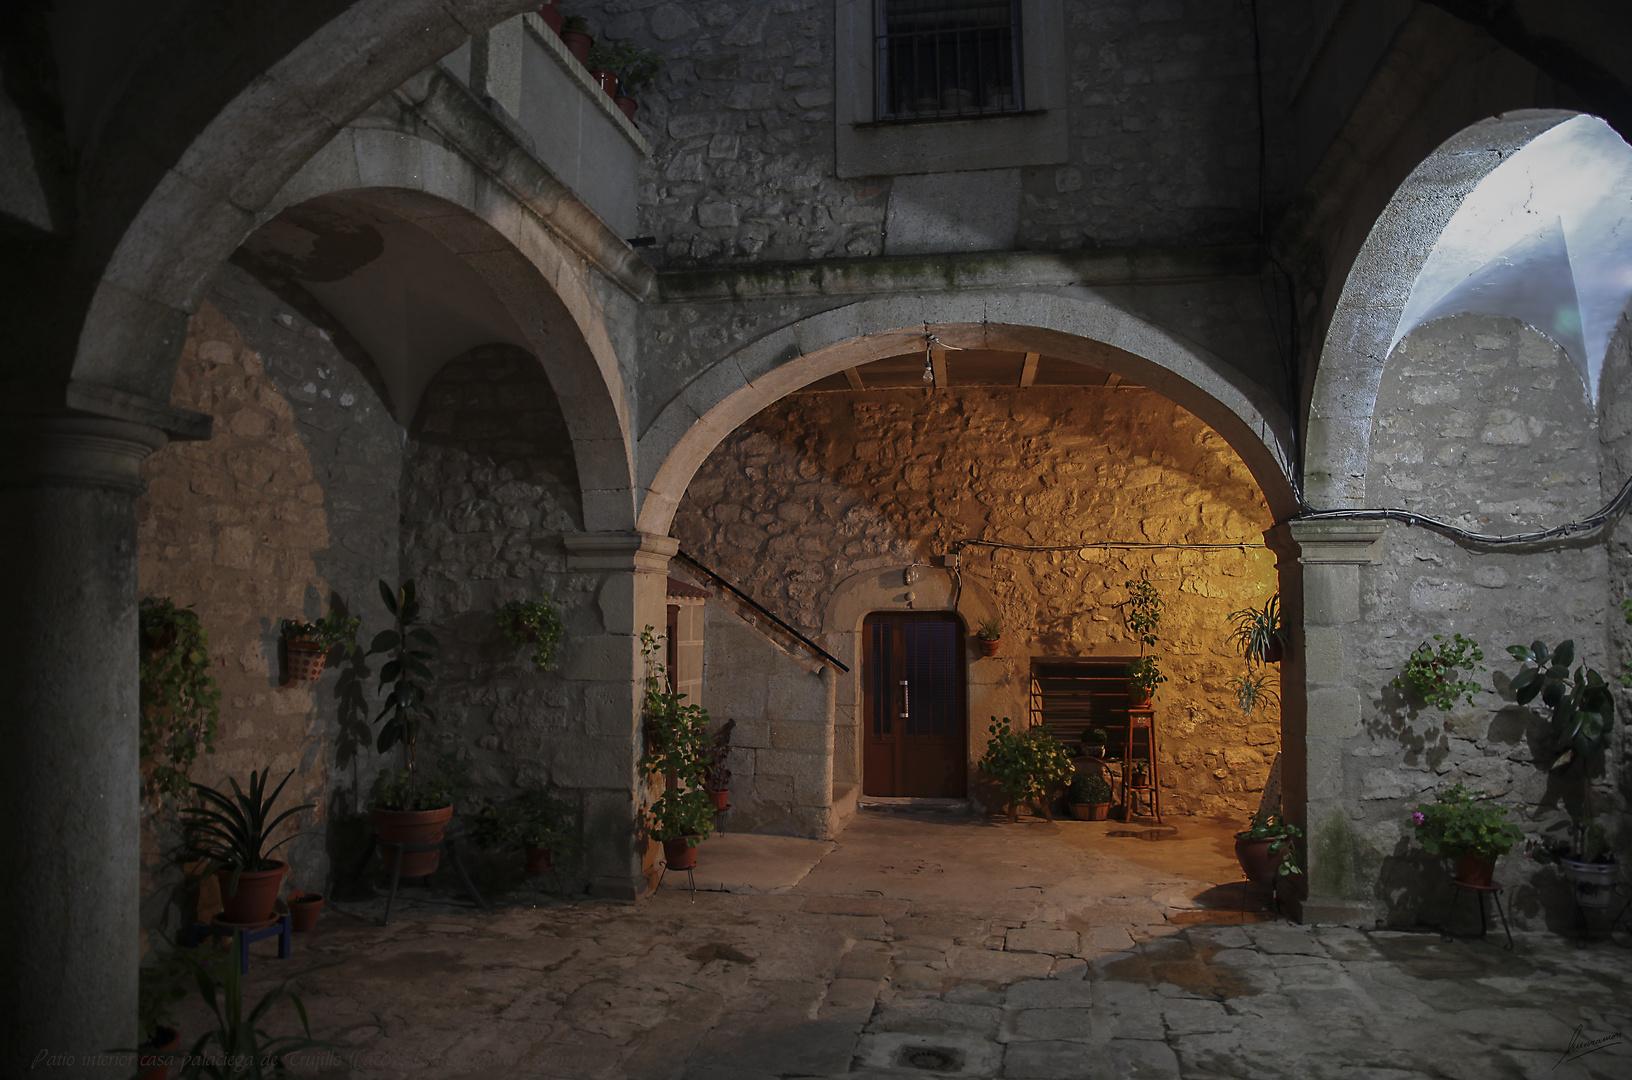 Patio interior casa palaciega de Trujillo (Cáceres Extremadura España)